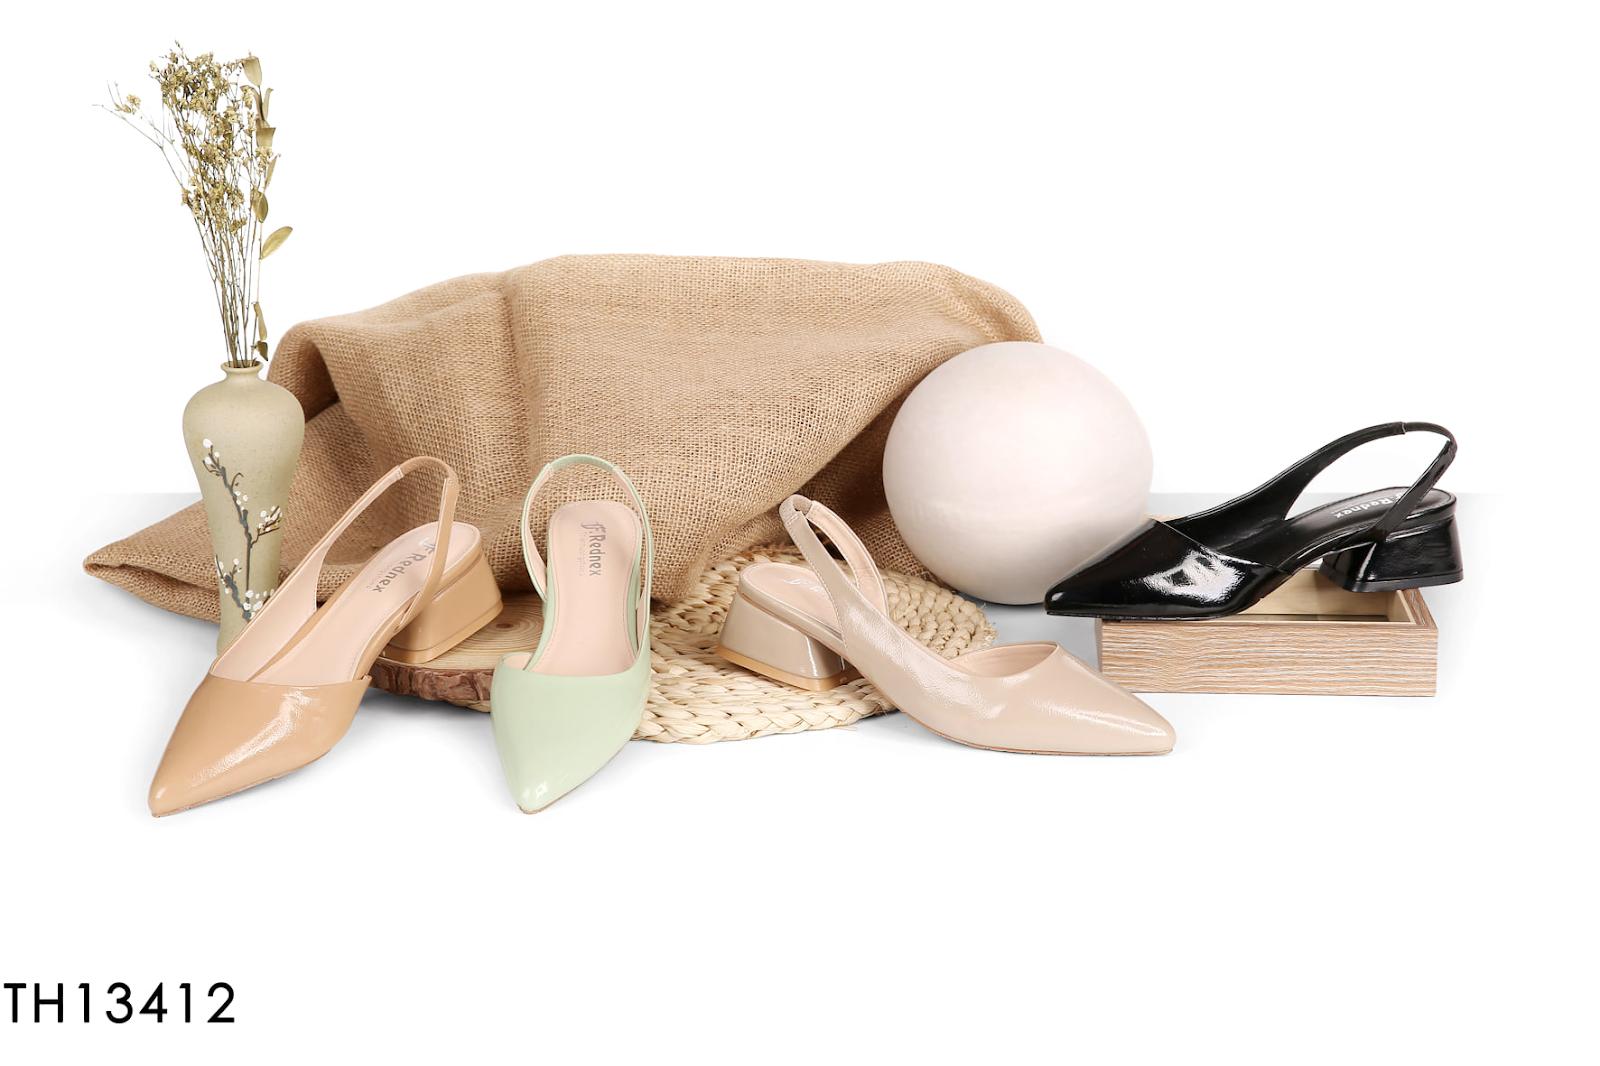 Giày công sở nữ được nhiều tín đồ giày săn đón